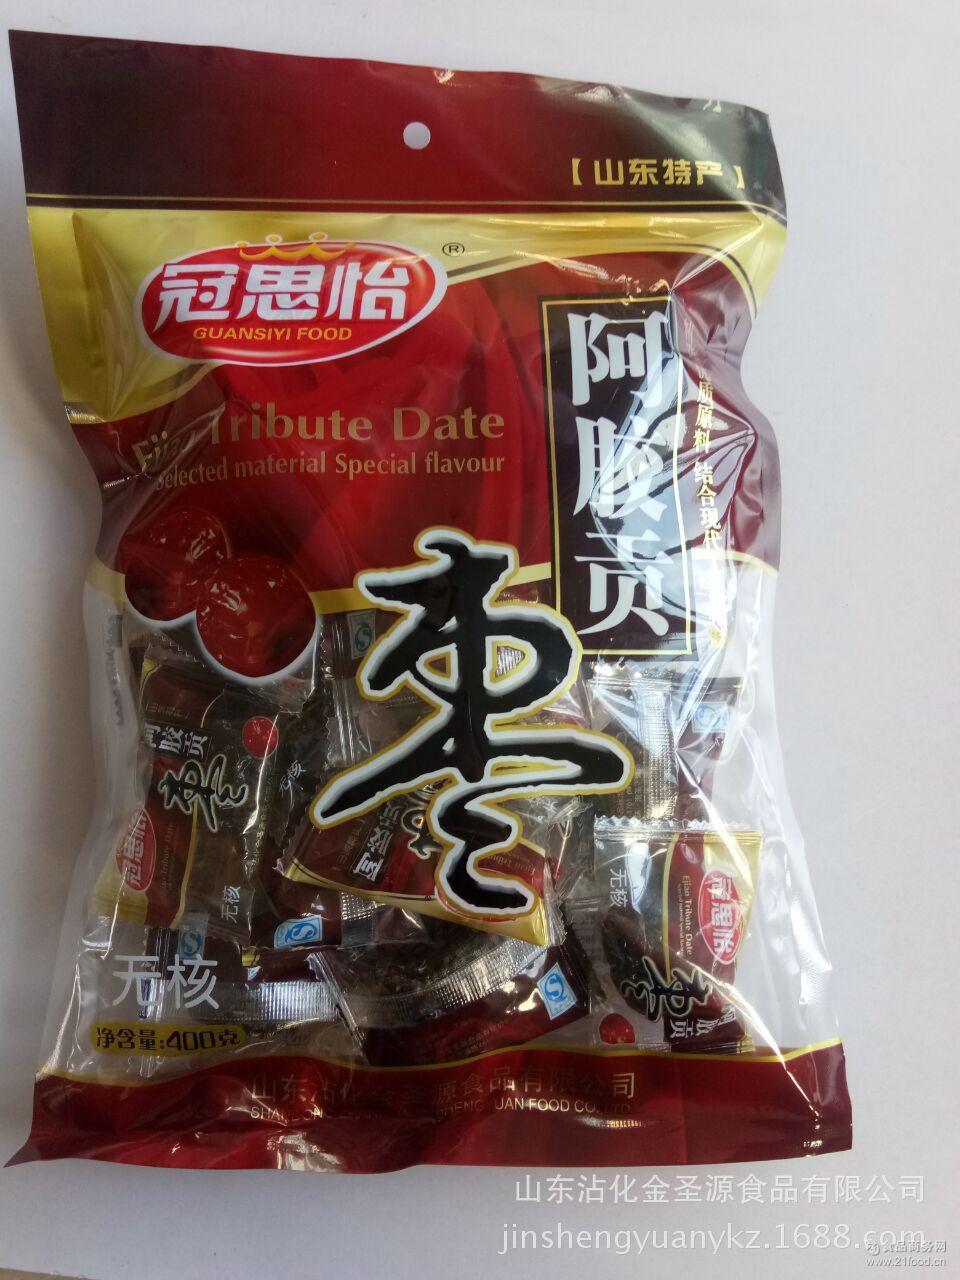 山东特产【冠思怡】400g阿胶贡枣独立小包装休闲零食厂家直销